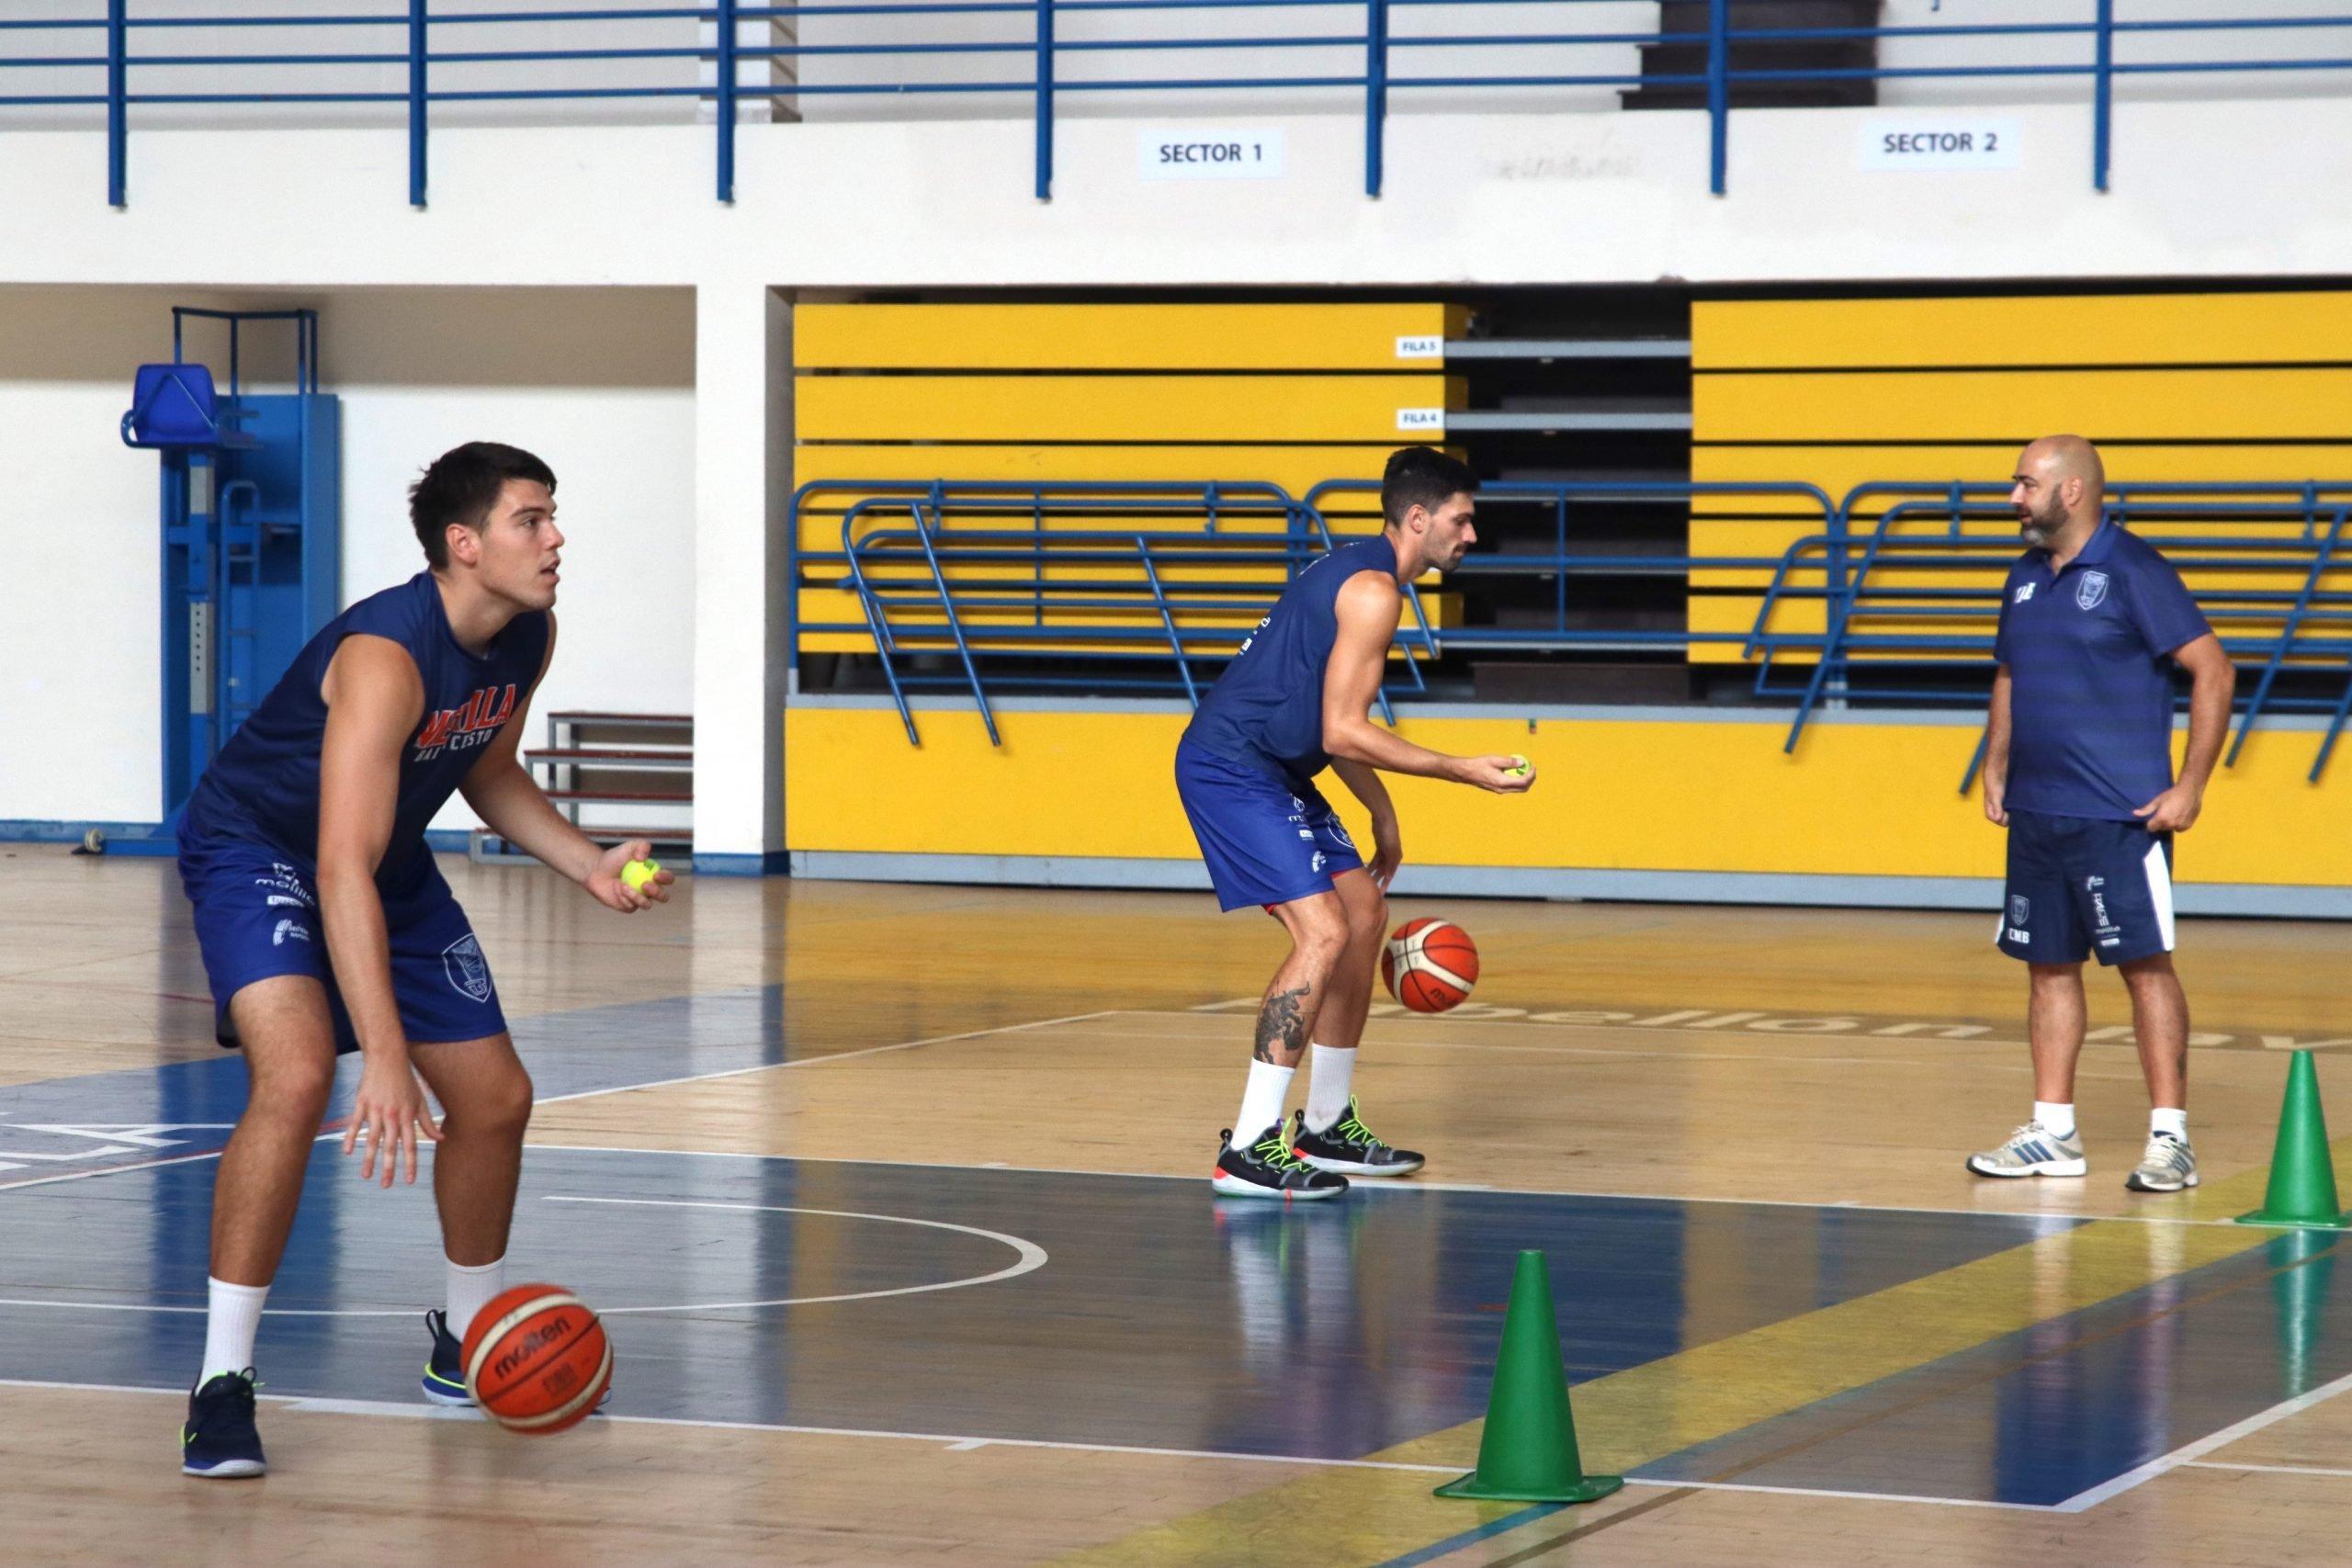 El CB Melilla Sport Capital, al que se ha incorporado este verano el naviego Javi Menéndez, anuncia la suspensión de entrenamientos por un positivo de Covid